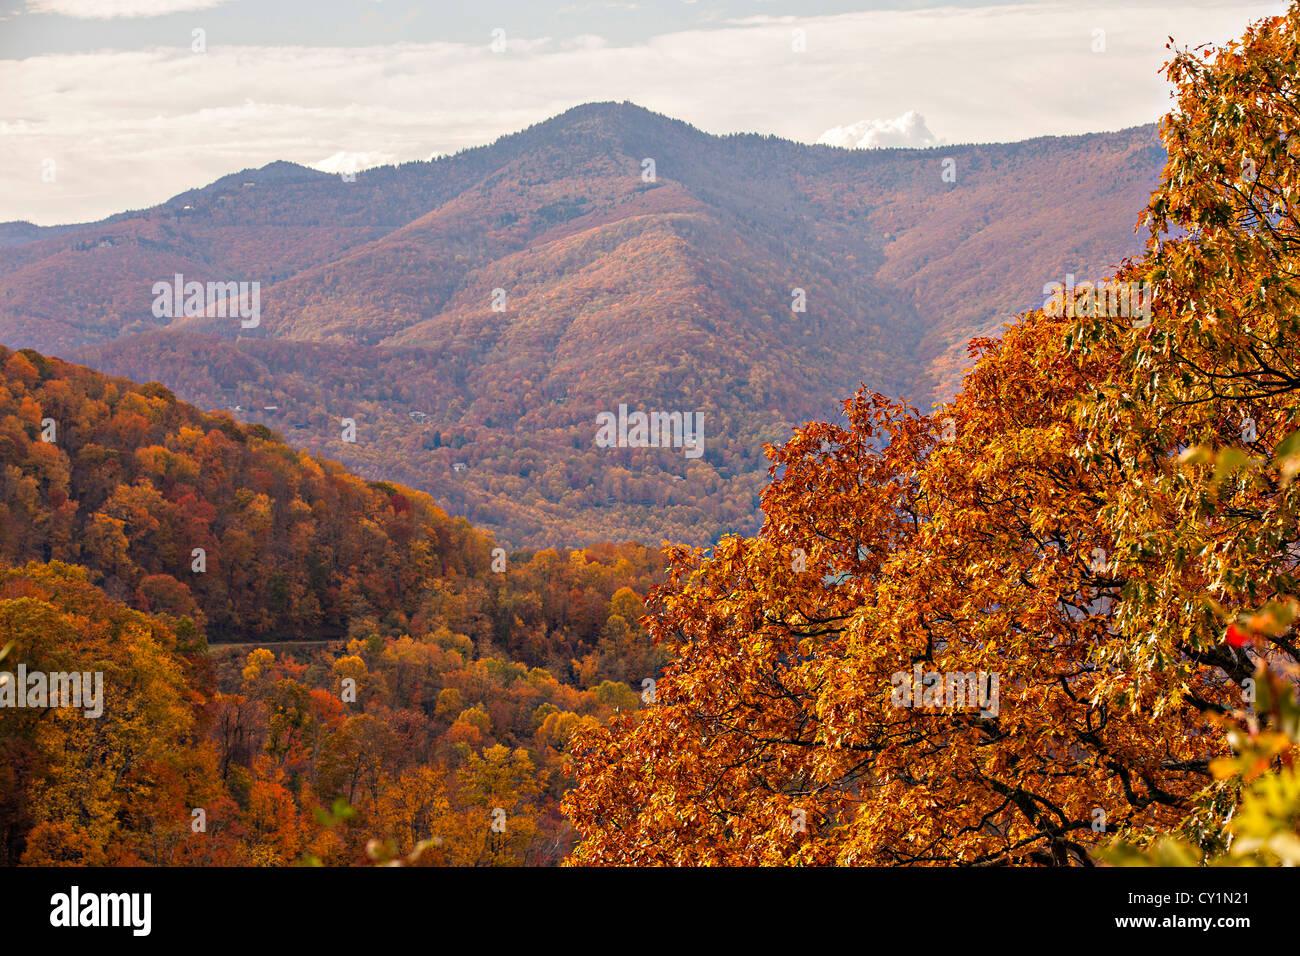 colorful autumn foliage as